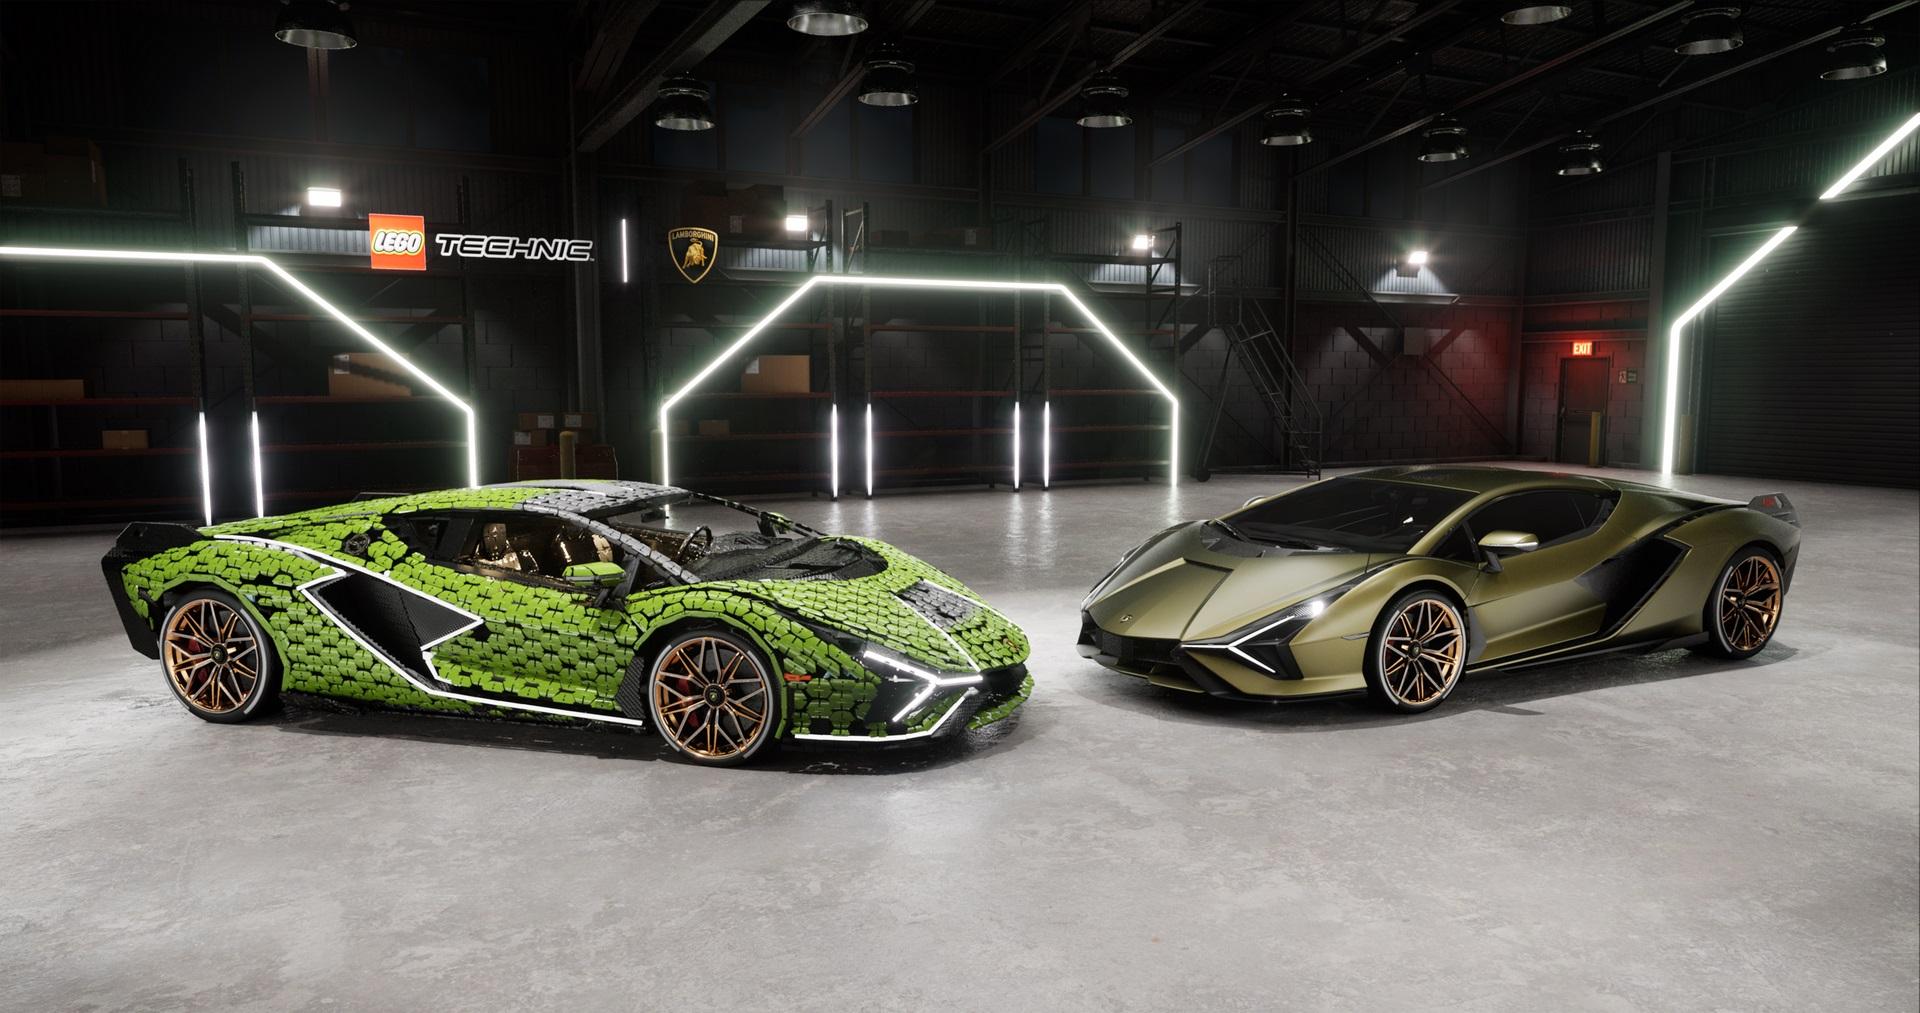 Lamborghini-Sian-Lego-32